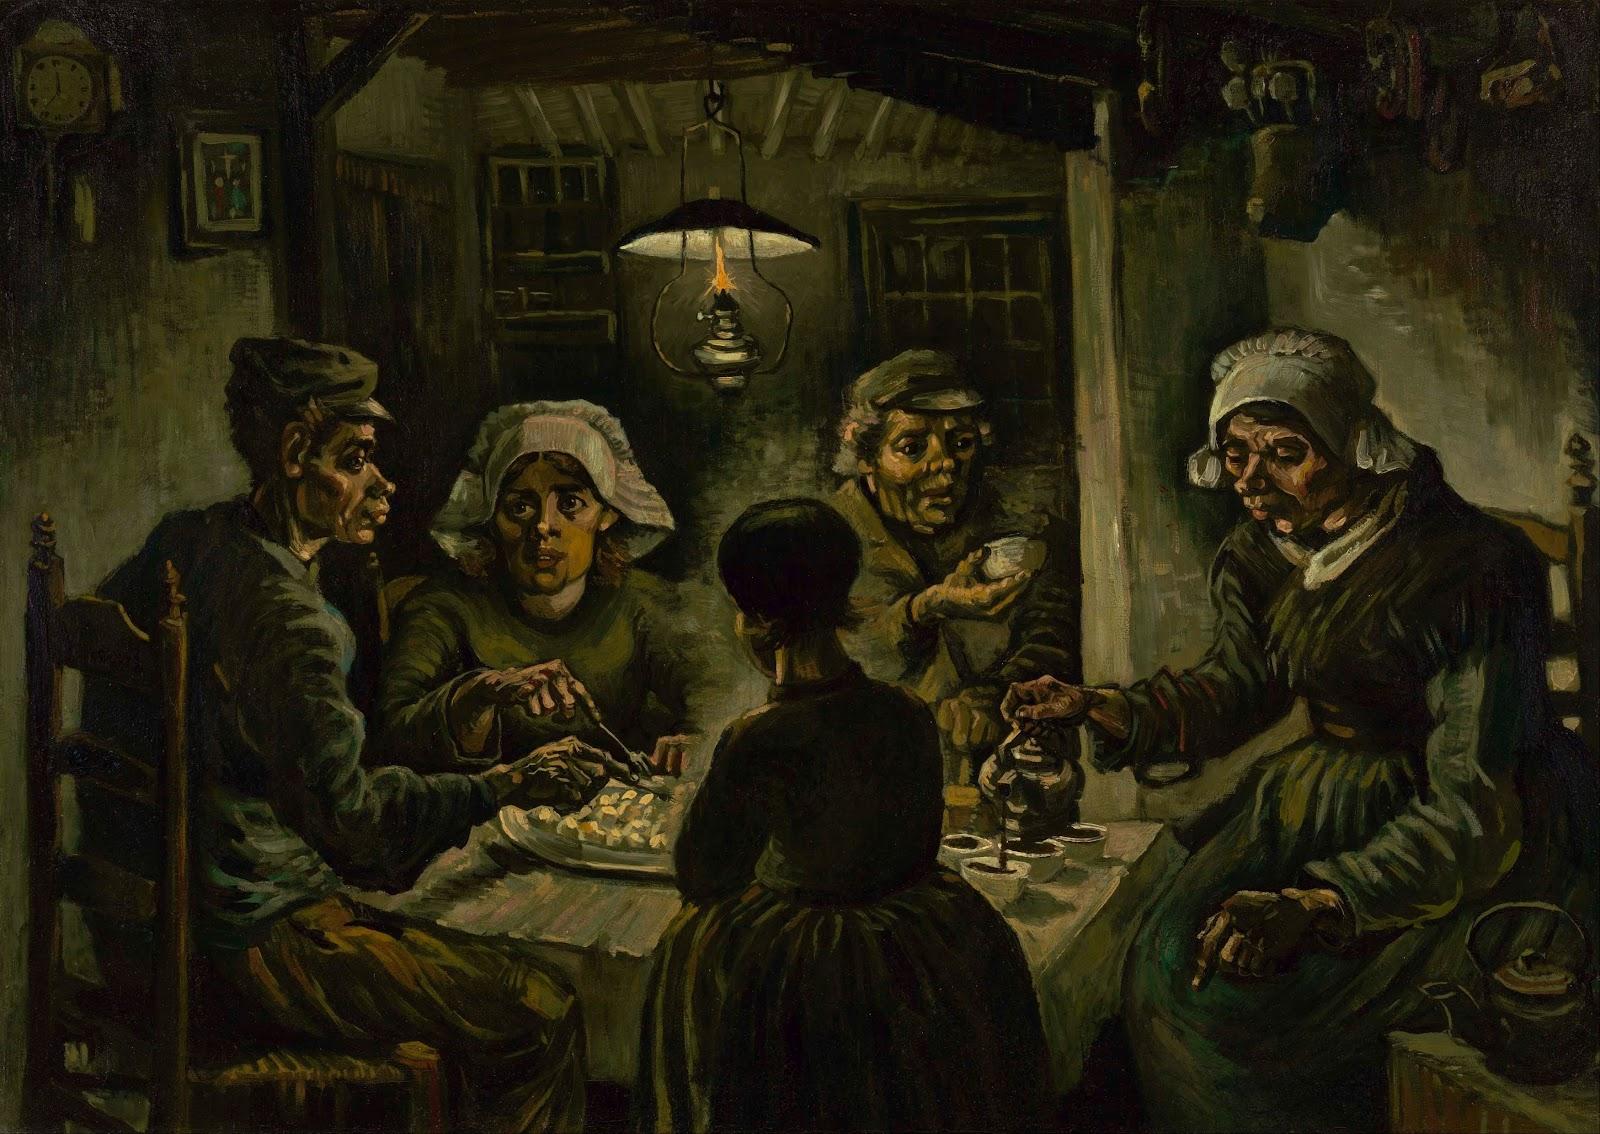 ヴァン・ヴァンの馬鈴薯を食べる人々